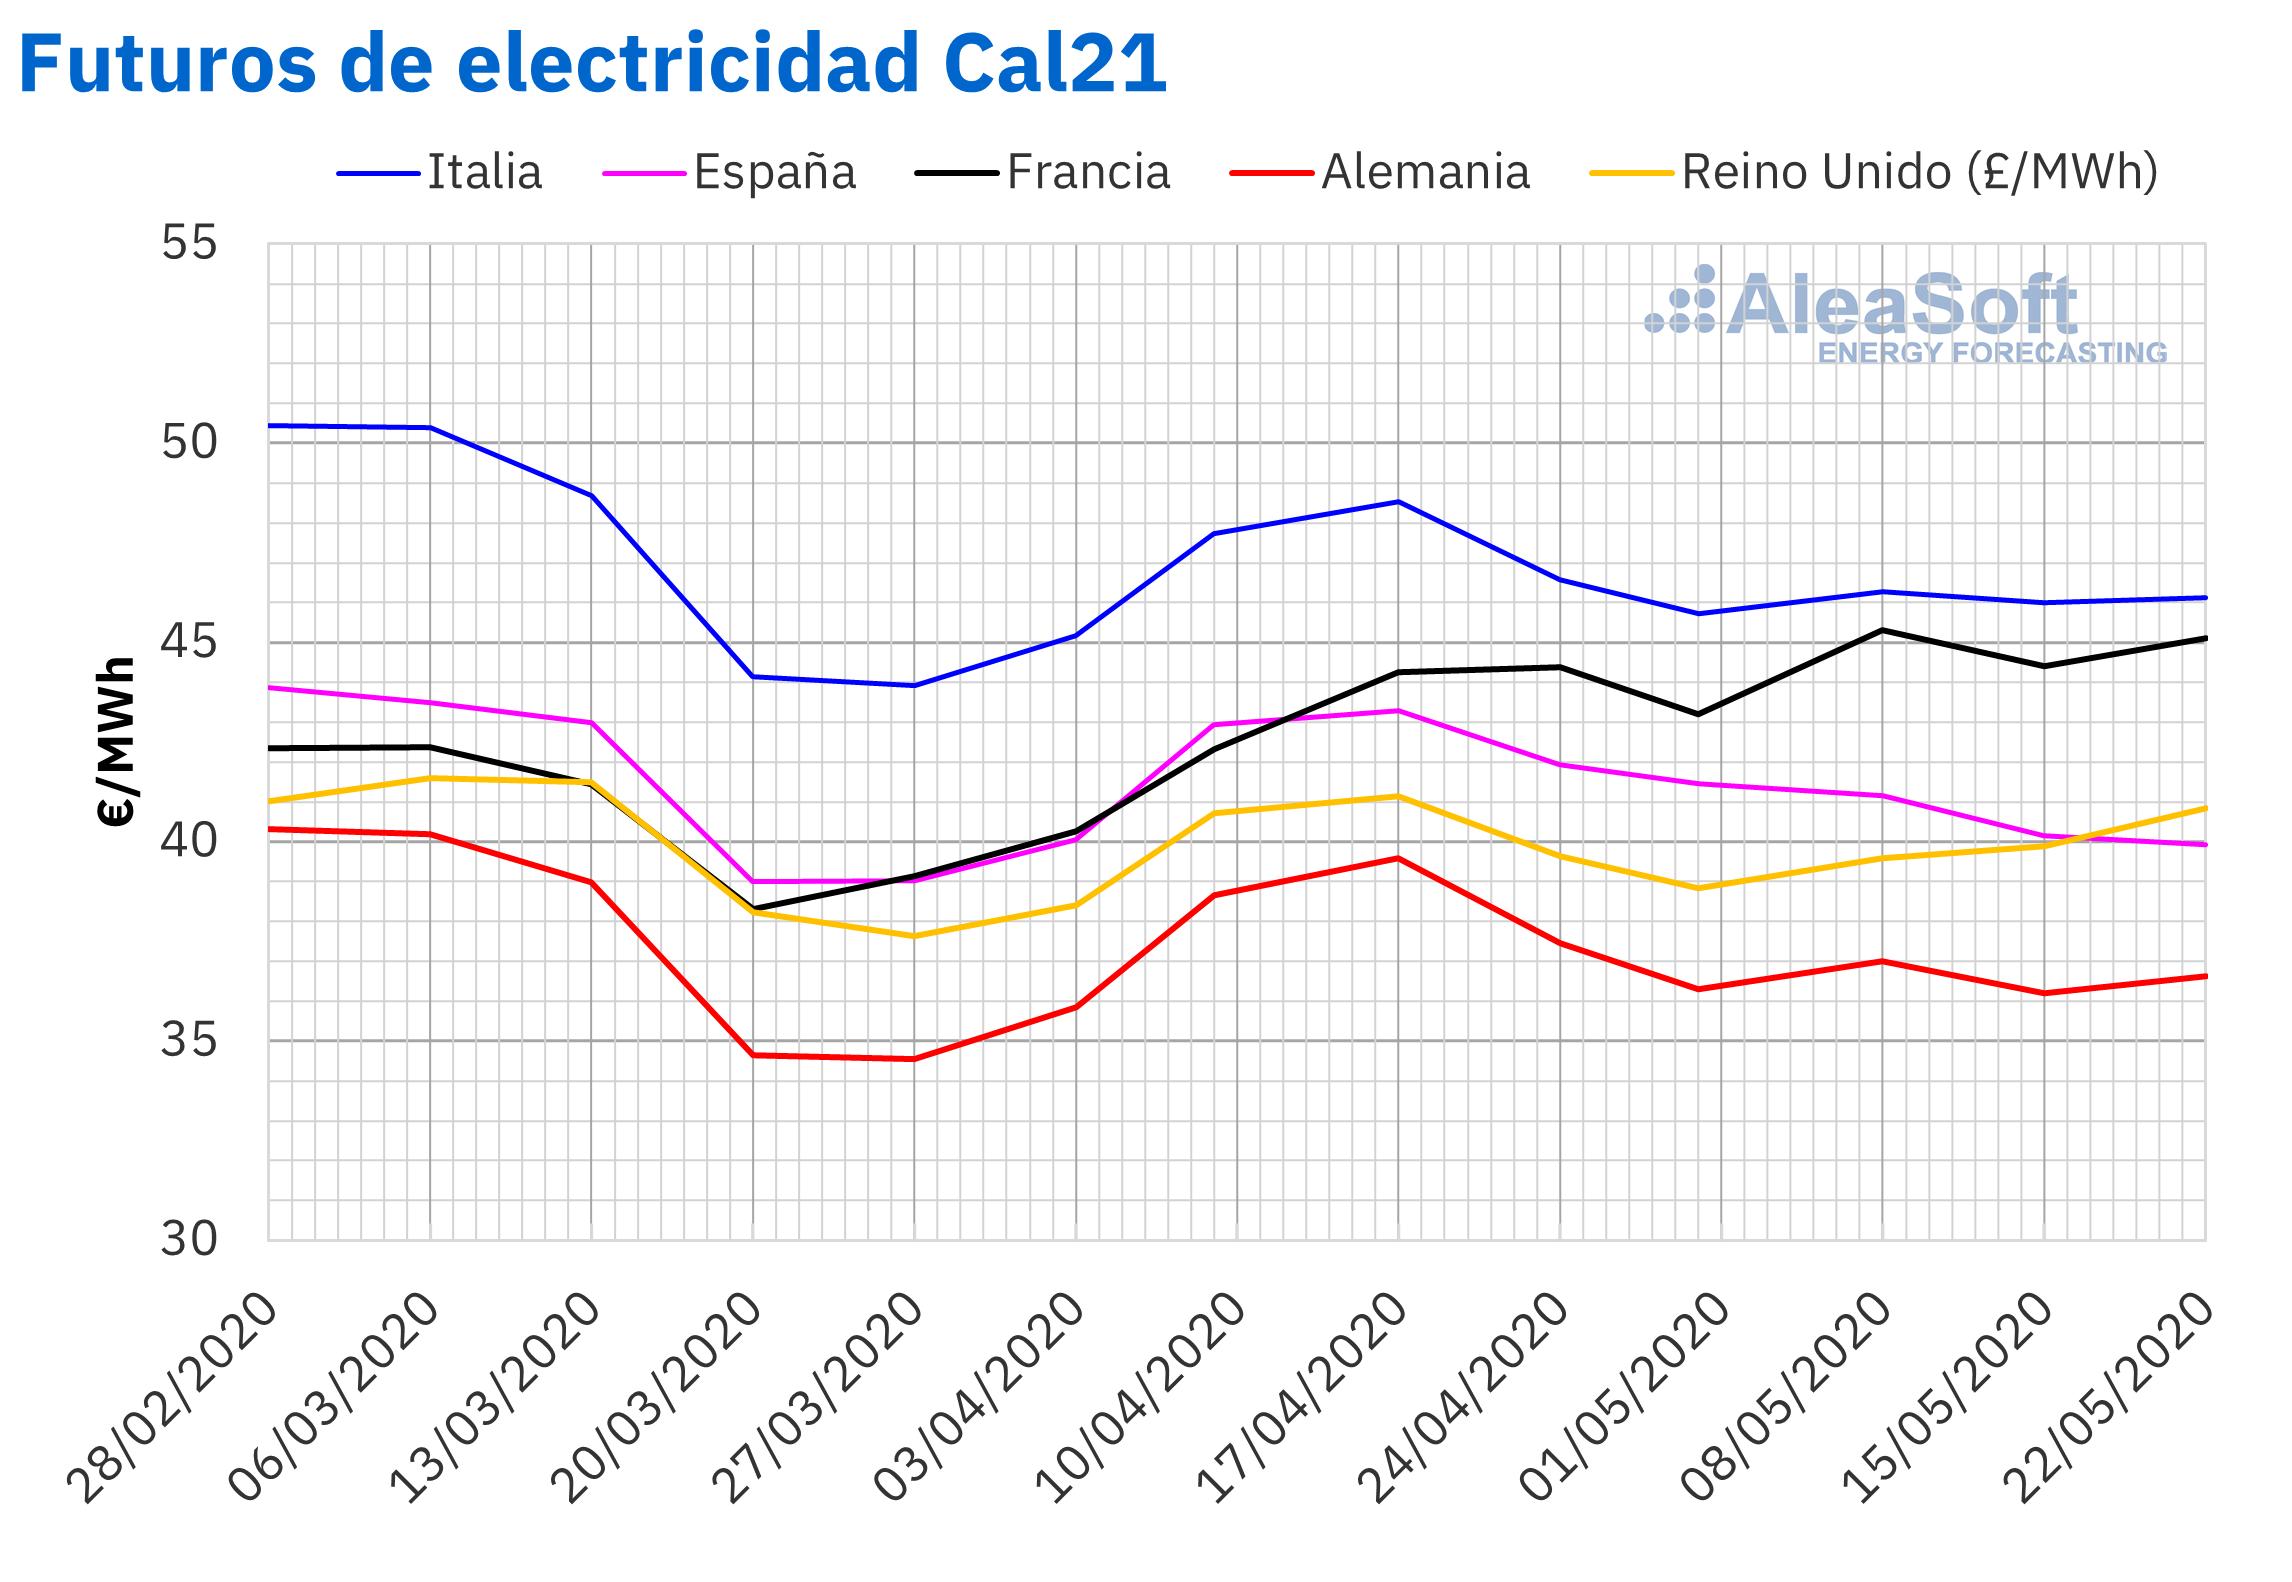 AleaSoft - Precios futuros electricidad Europa